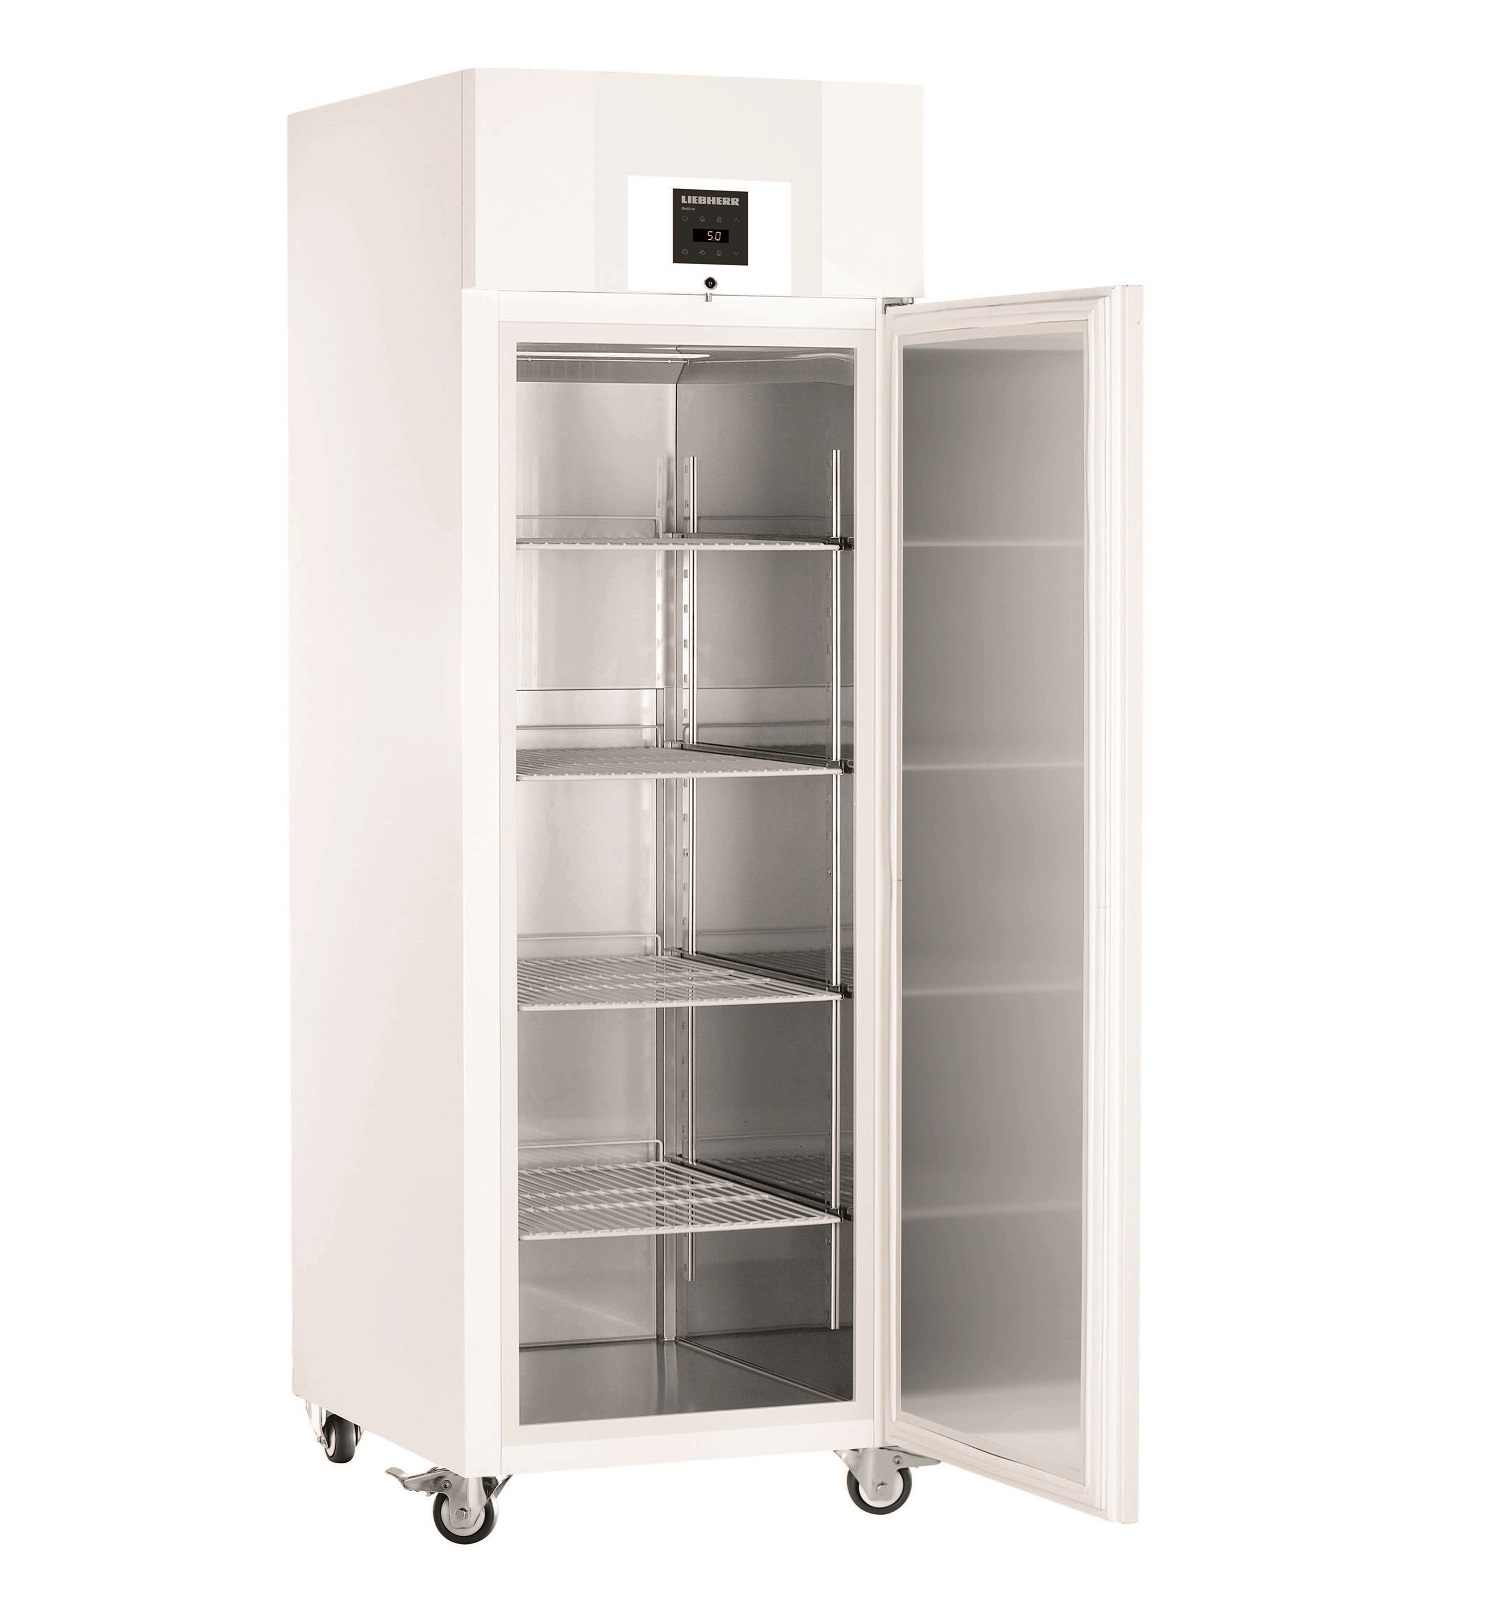 купить Лабораторный холодильный шкаф  Liebherr LKPv 6520 Украина фото 1